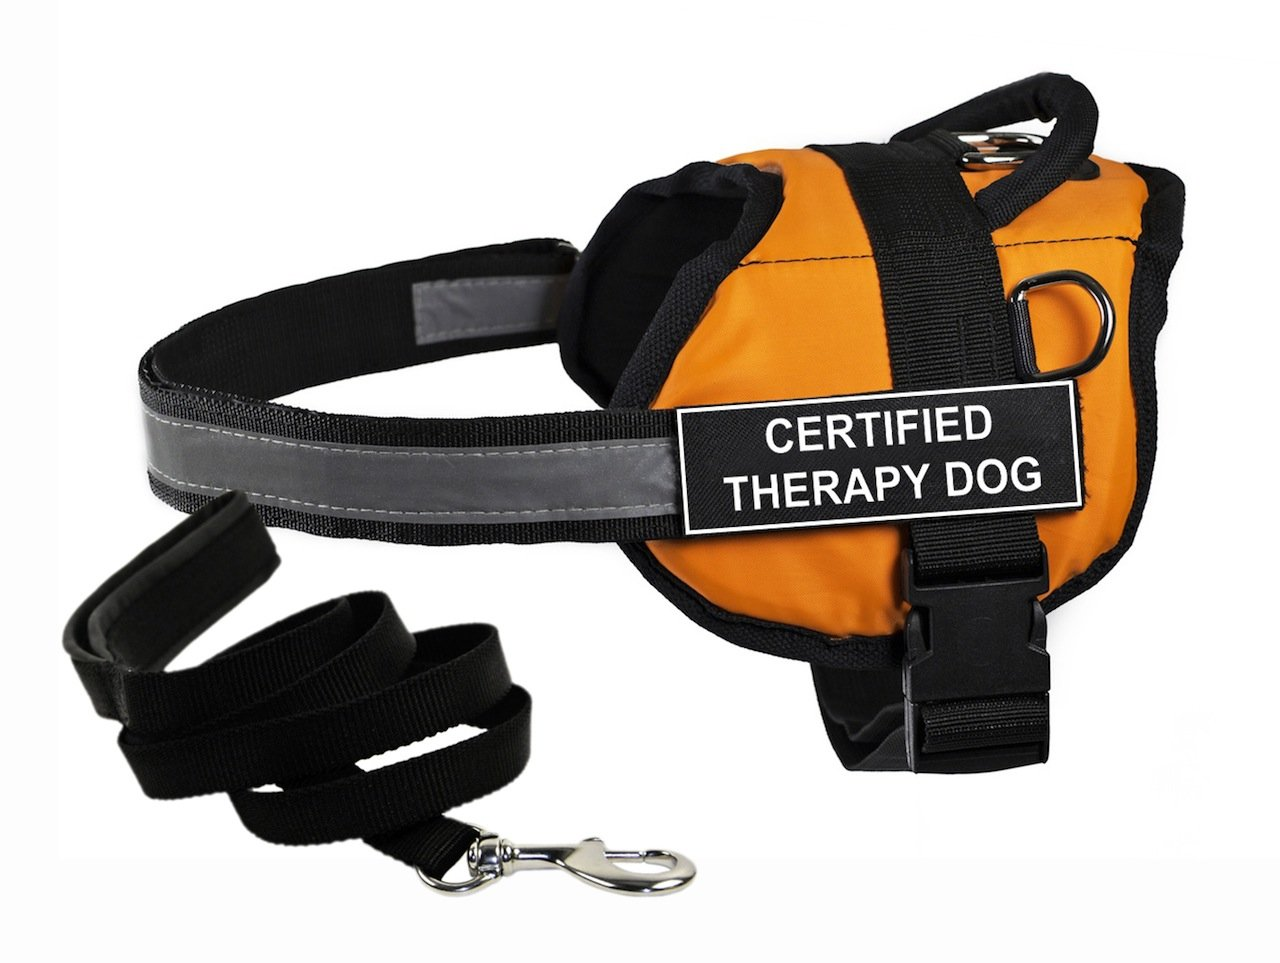 moda classica Dean & Tyler DT Works Works Works Certified Therapy Dog Imbracatura Arancione con, XX-Small, e Nero 1,8 m Padded Puppy guinzaglio.  risparmia fino al 50%